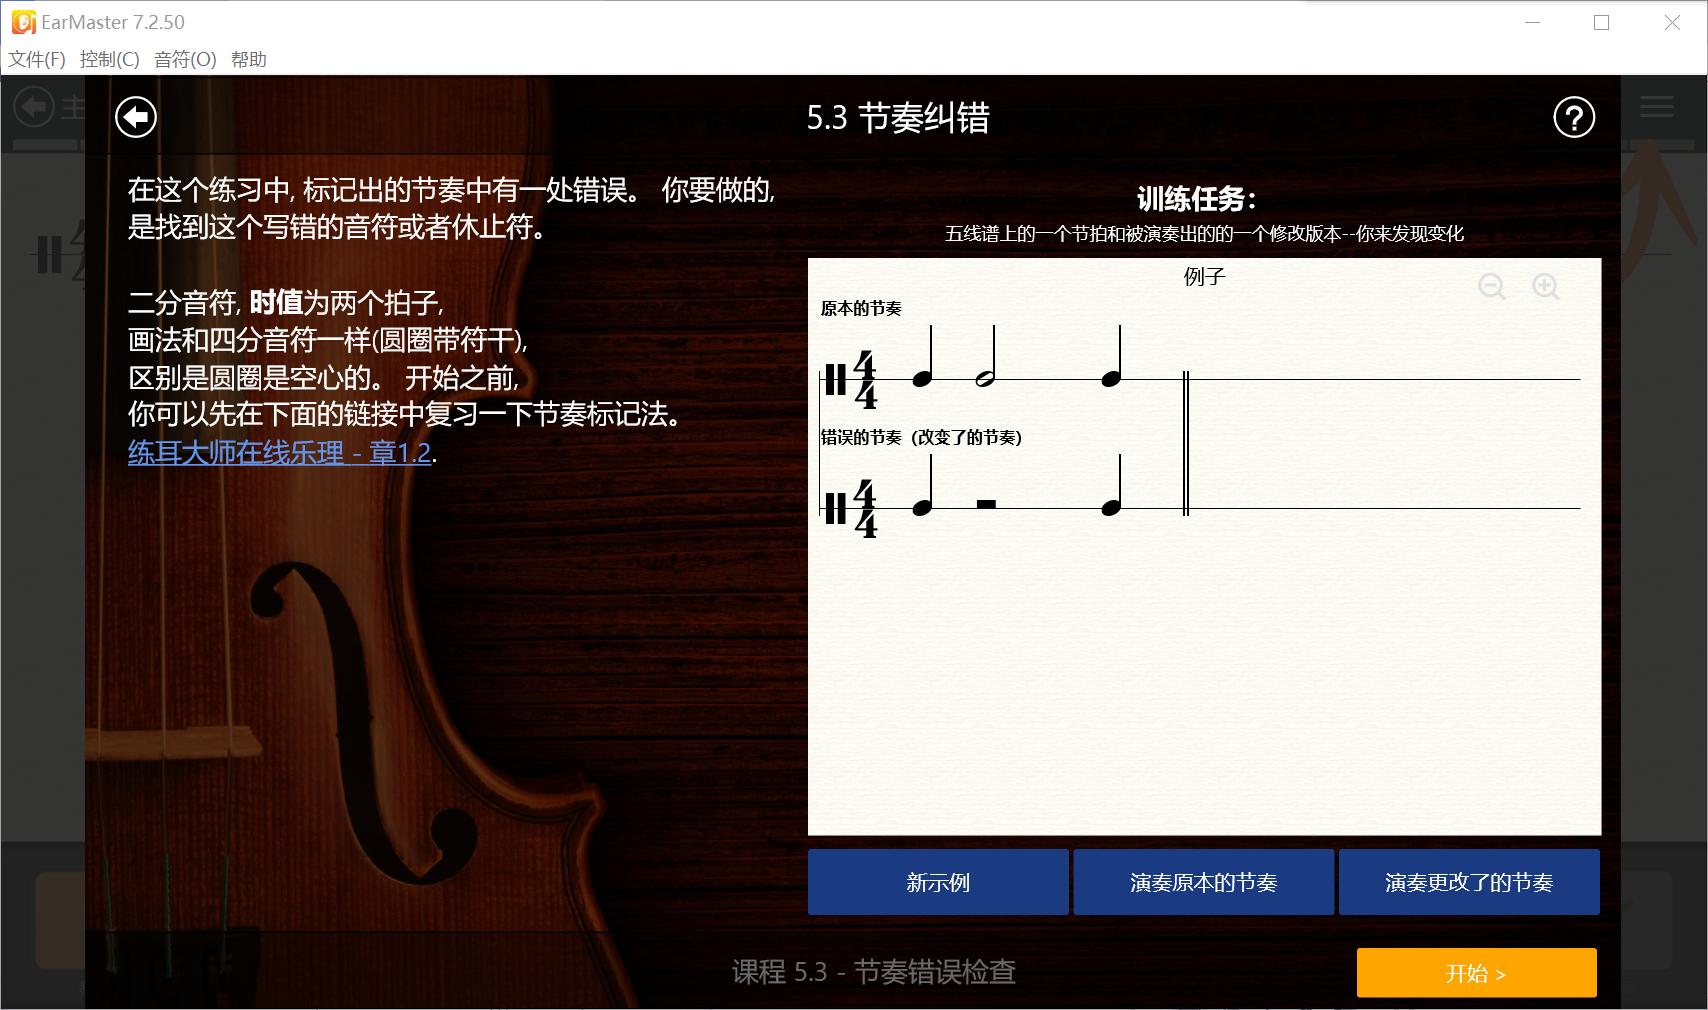 图3:节奏纠错学习页